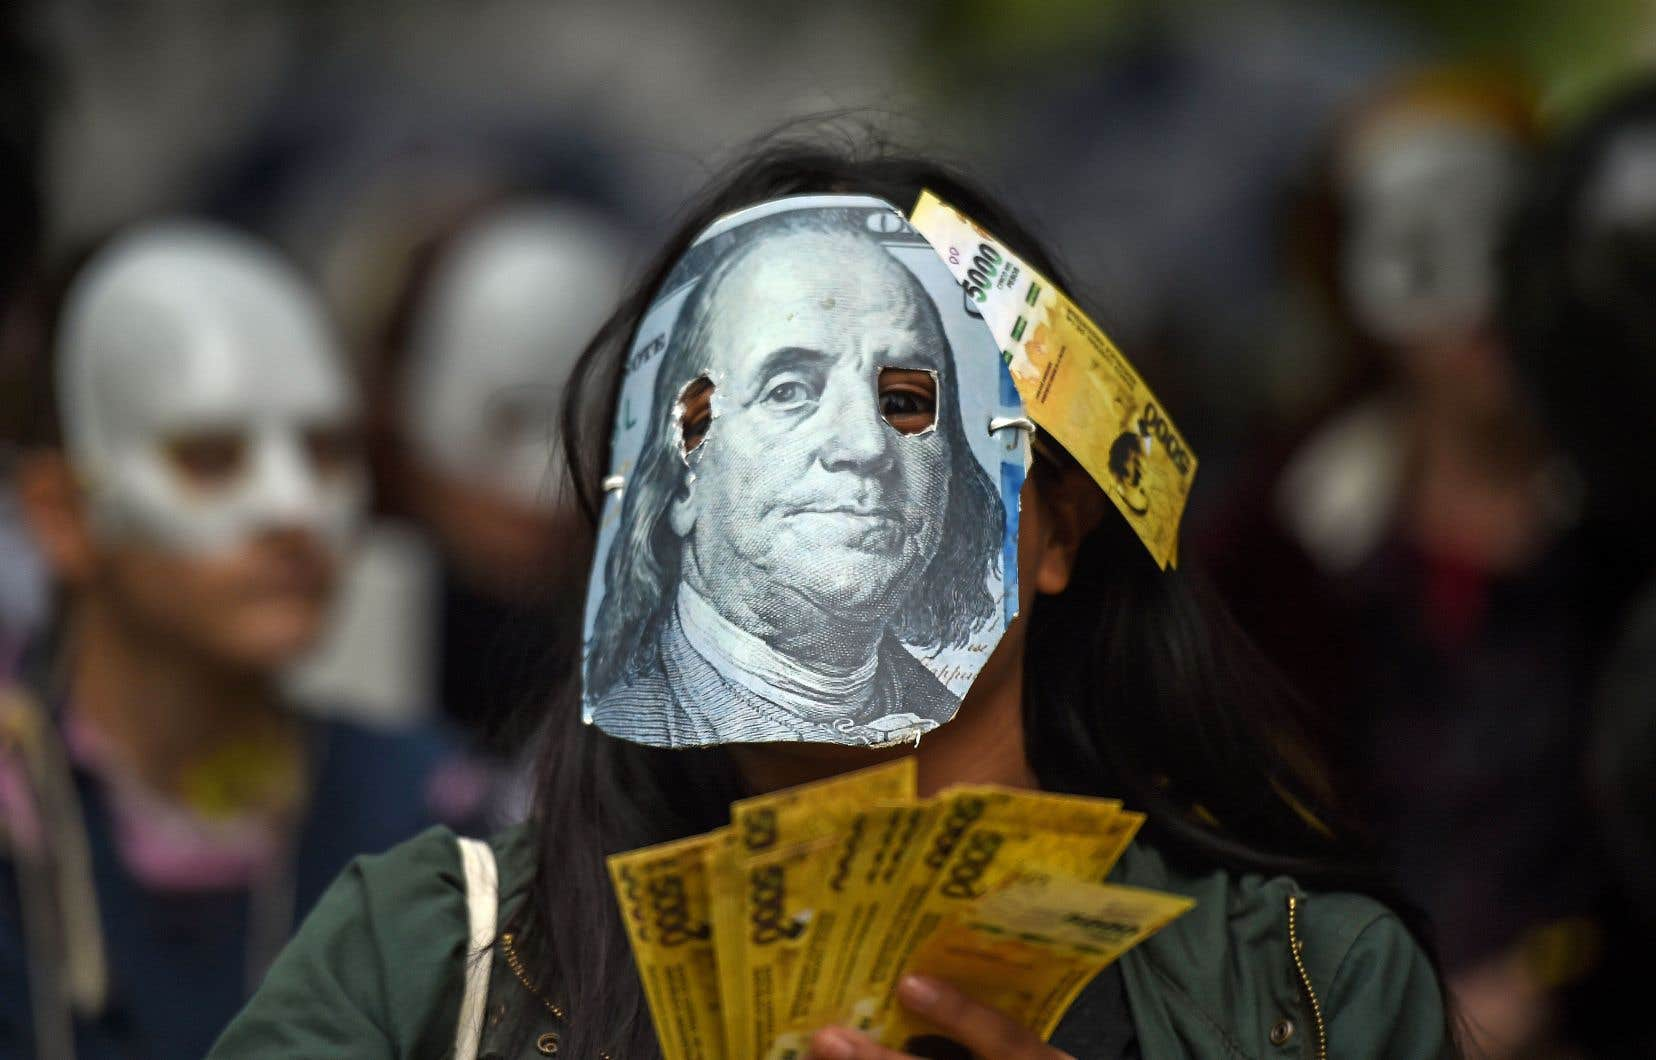 L'Argentine est plongée dans une grave crise monétaire à laquelle le gouvernement répond par des mesures d'austérité. Un argentin manifeste, en mai, pour signifier son opposition aux négocations entre Buenos Aires et le FMI.